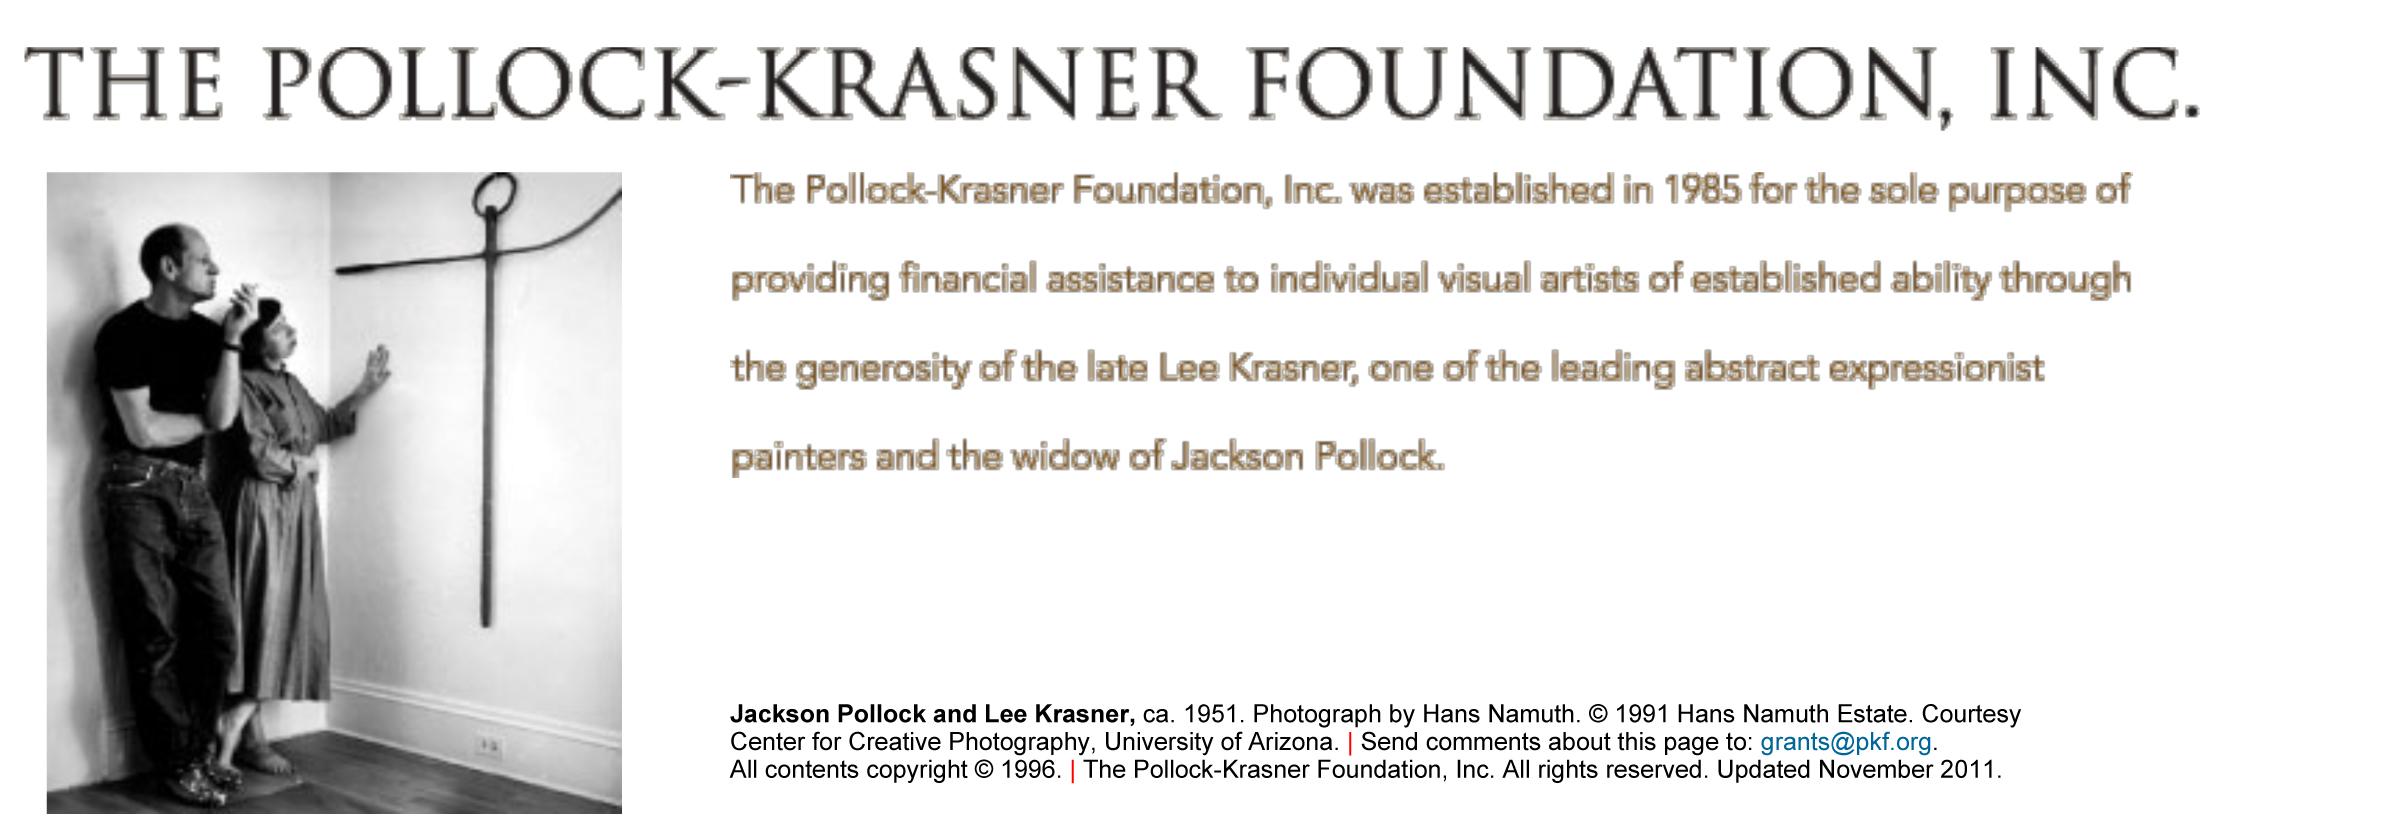 The-Pollock-Krasner-Foundation_lg.jpg